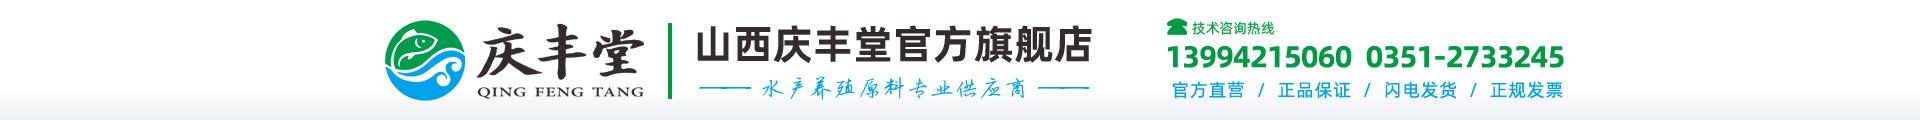 山西庆丰堂生物科技有限公司